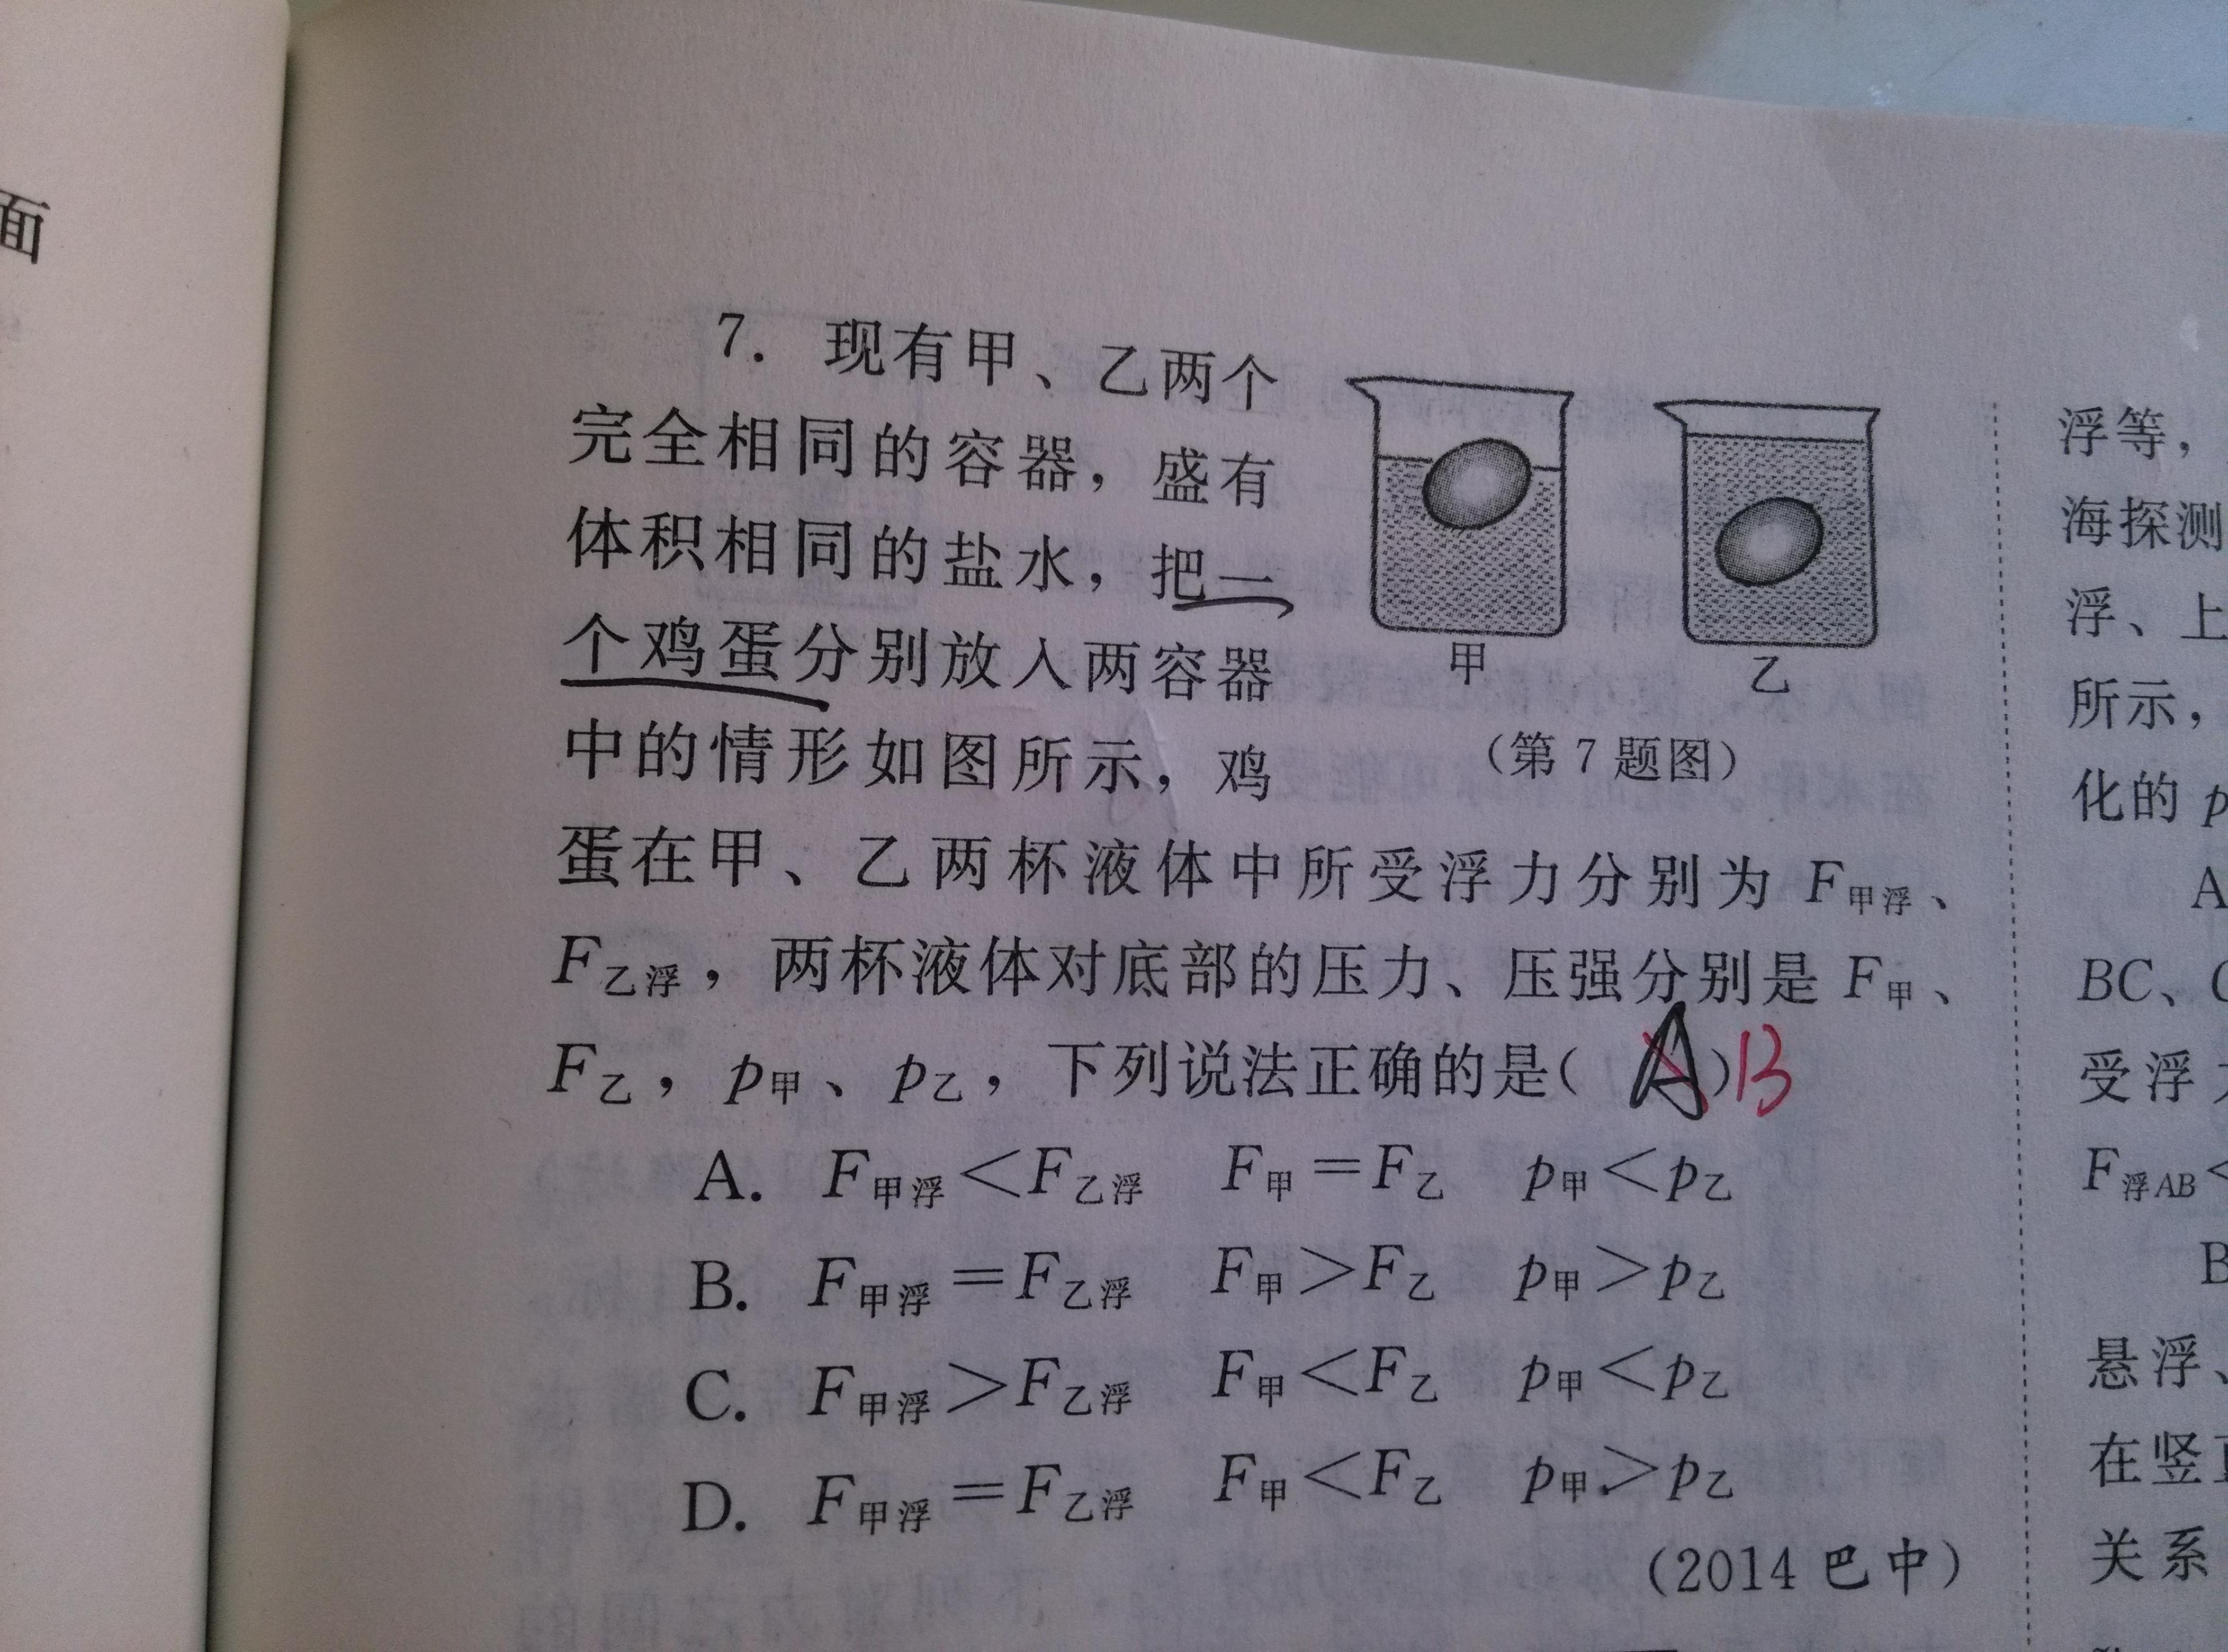 物理压缩机电路图原件